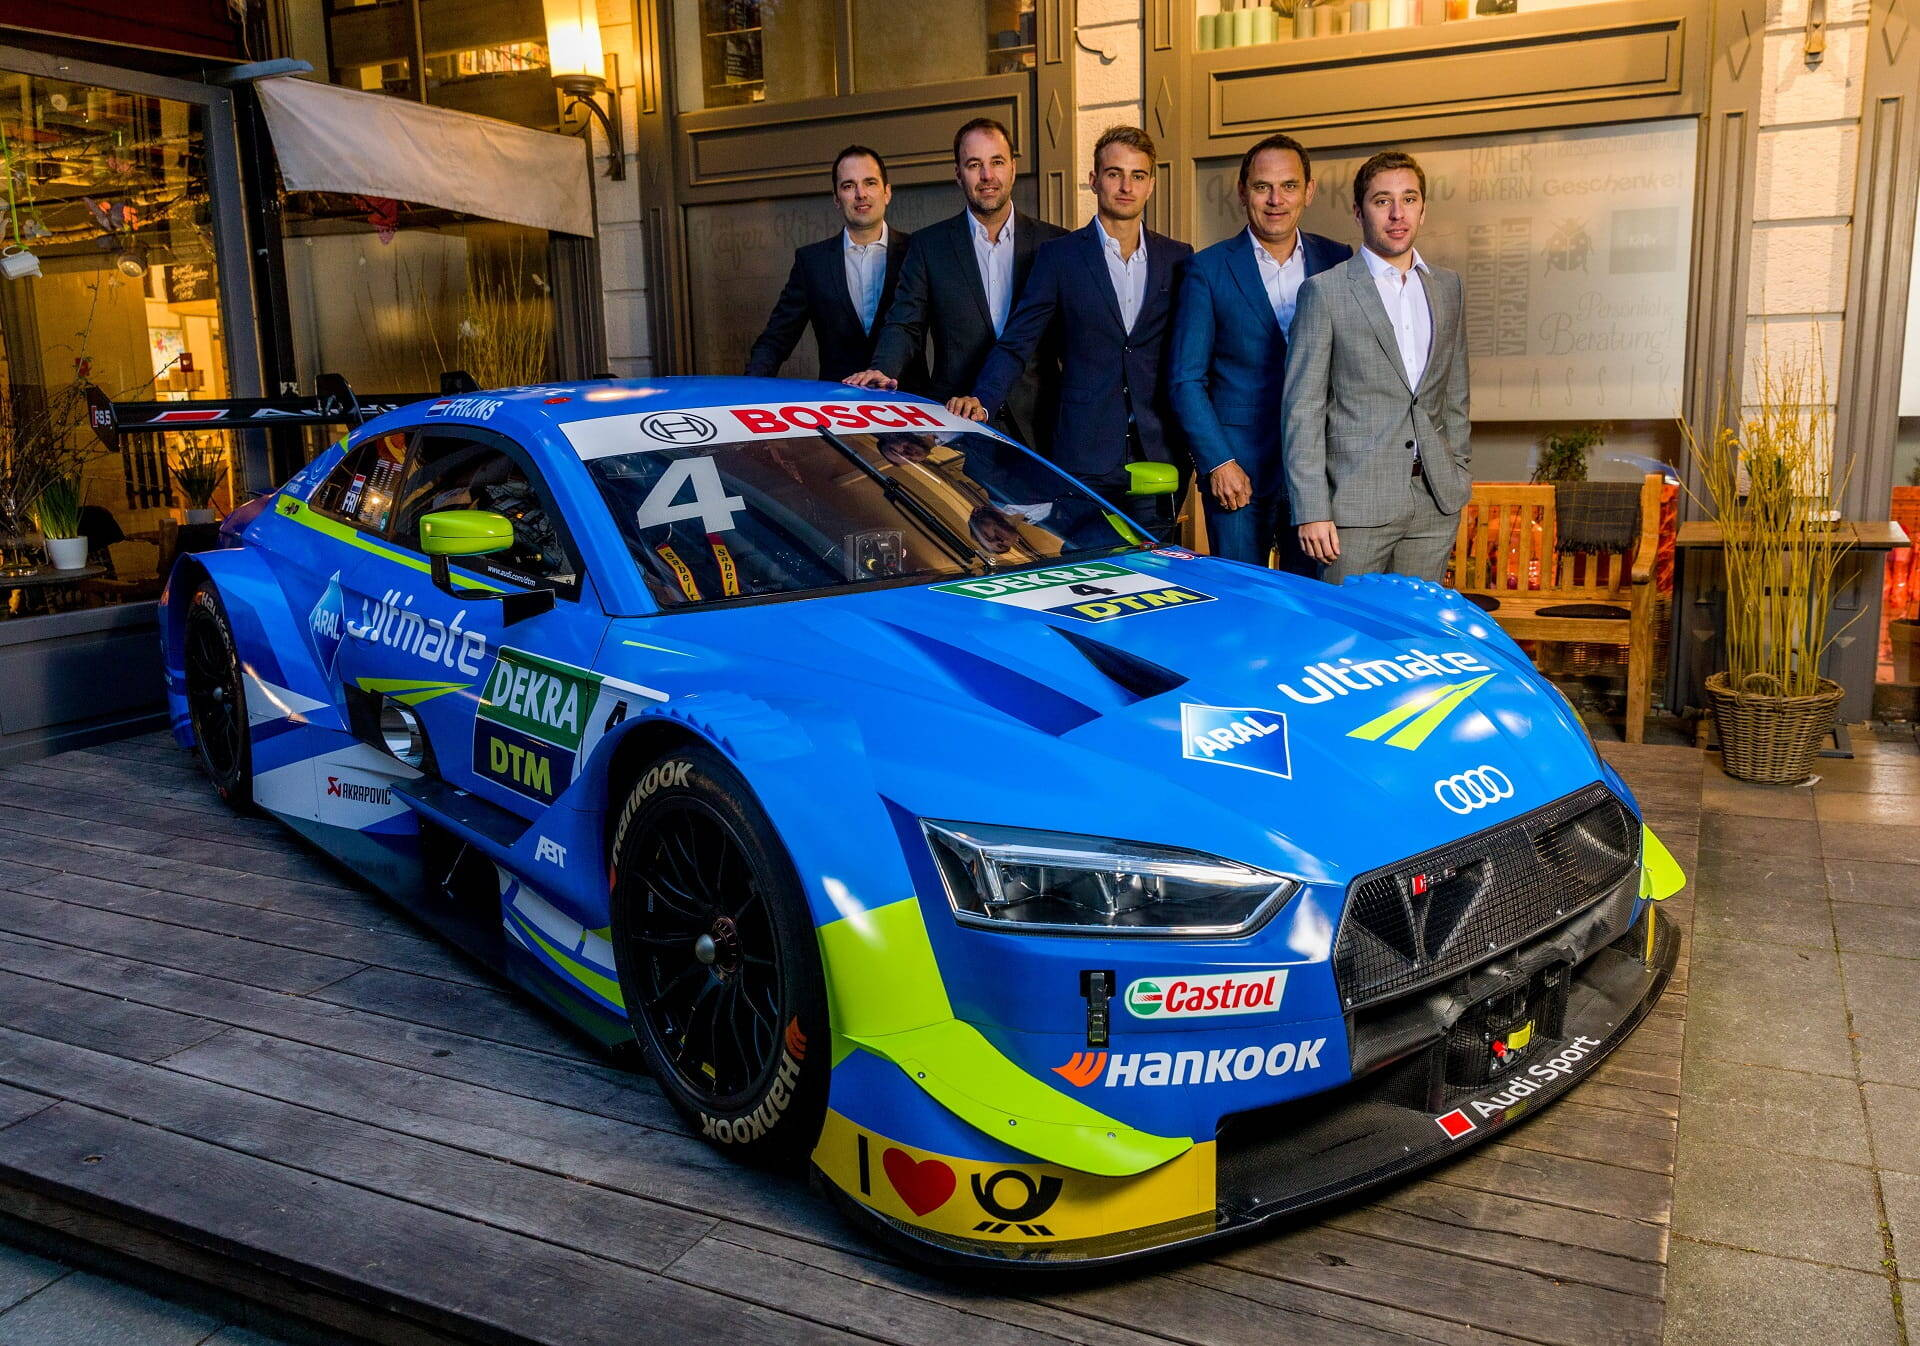 Mit Turbo-Power in die Saison 2019 - das neue DTM-Fahrzeug ...